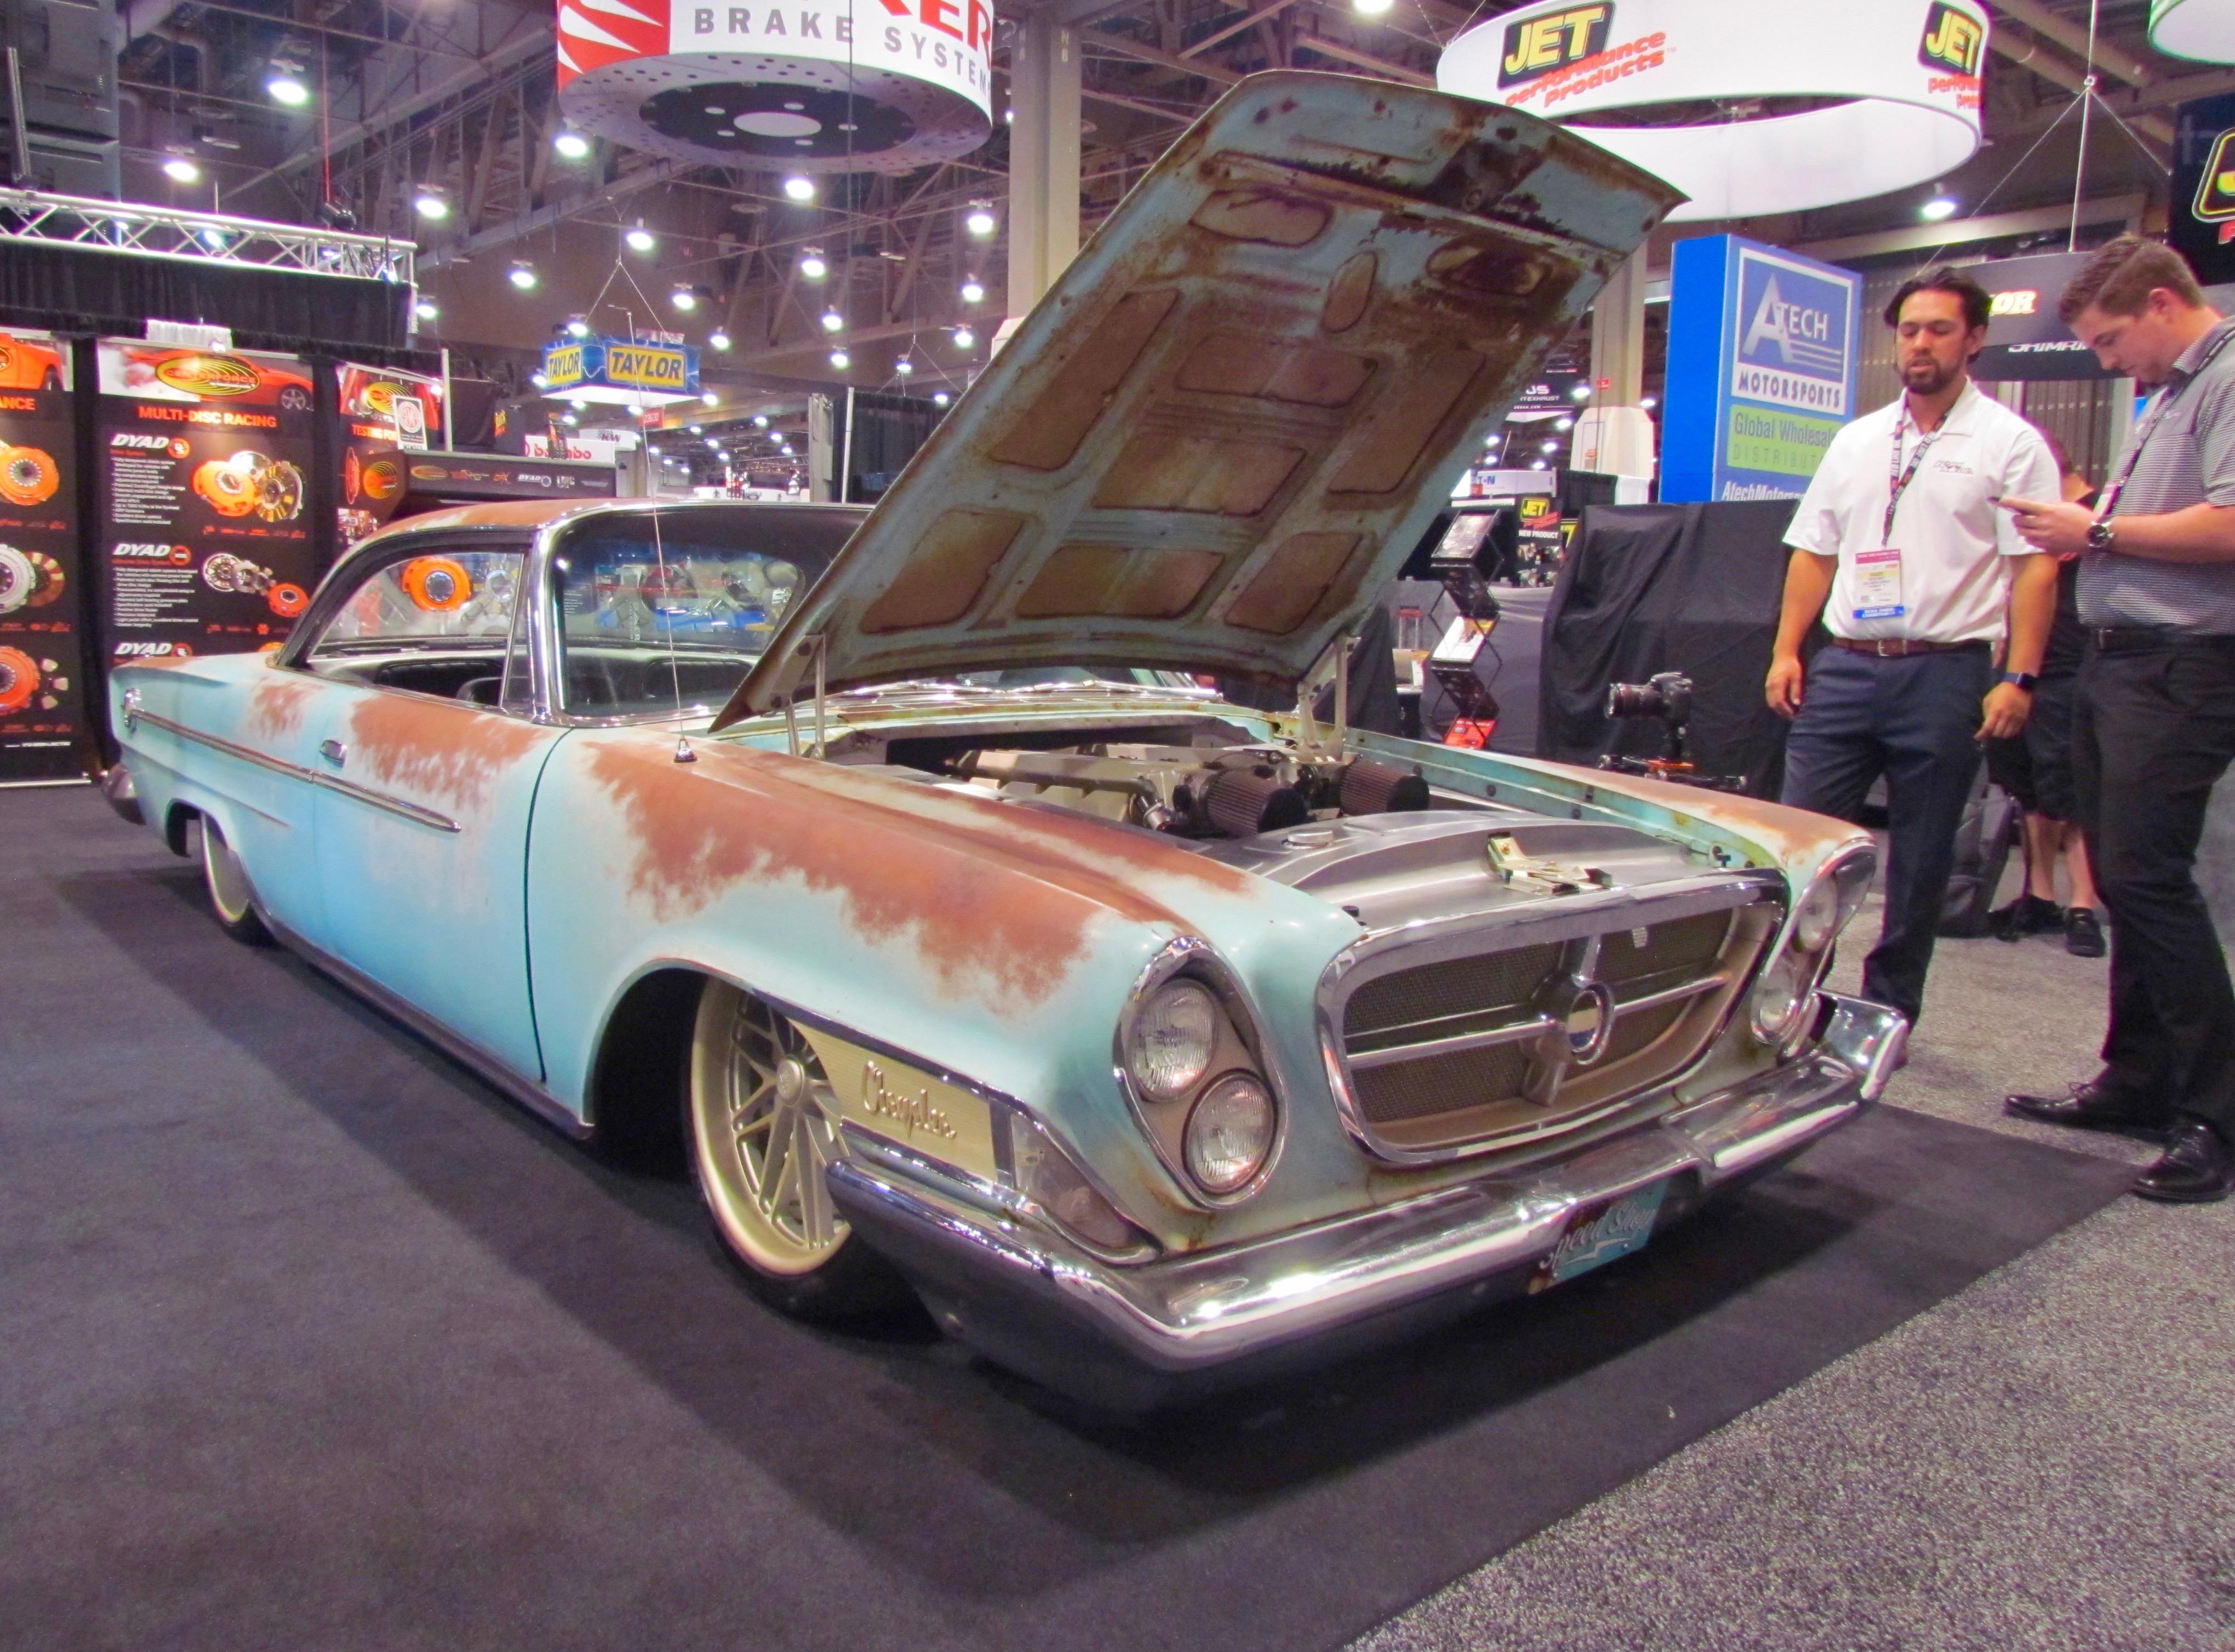 SEMA Seen Viperpowered Chrysler ClassicCarscom Journal - Chrysler shop